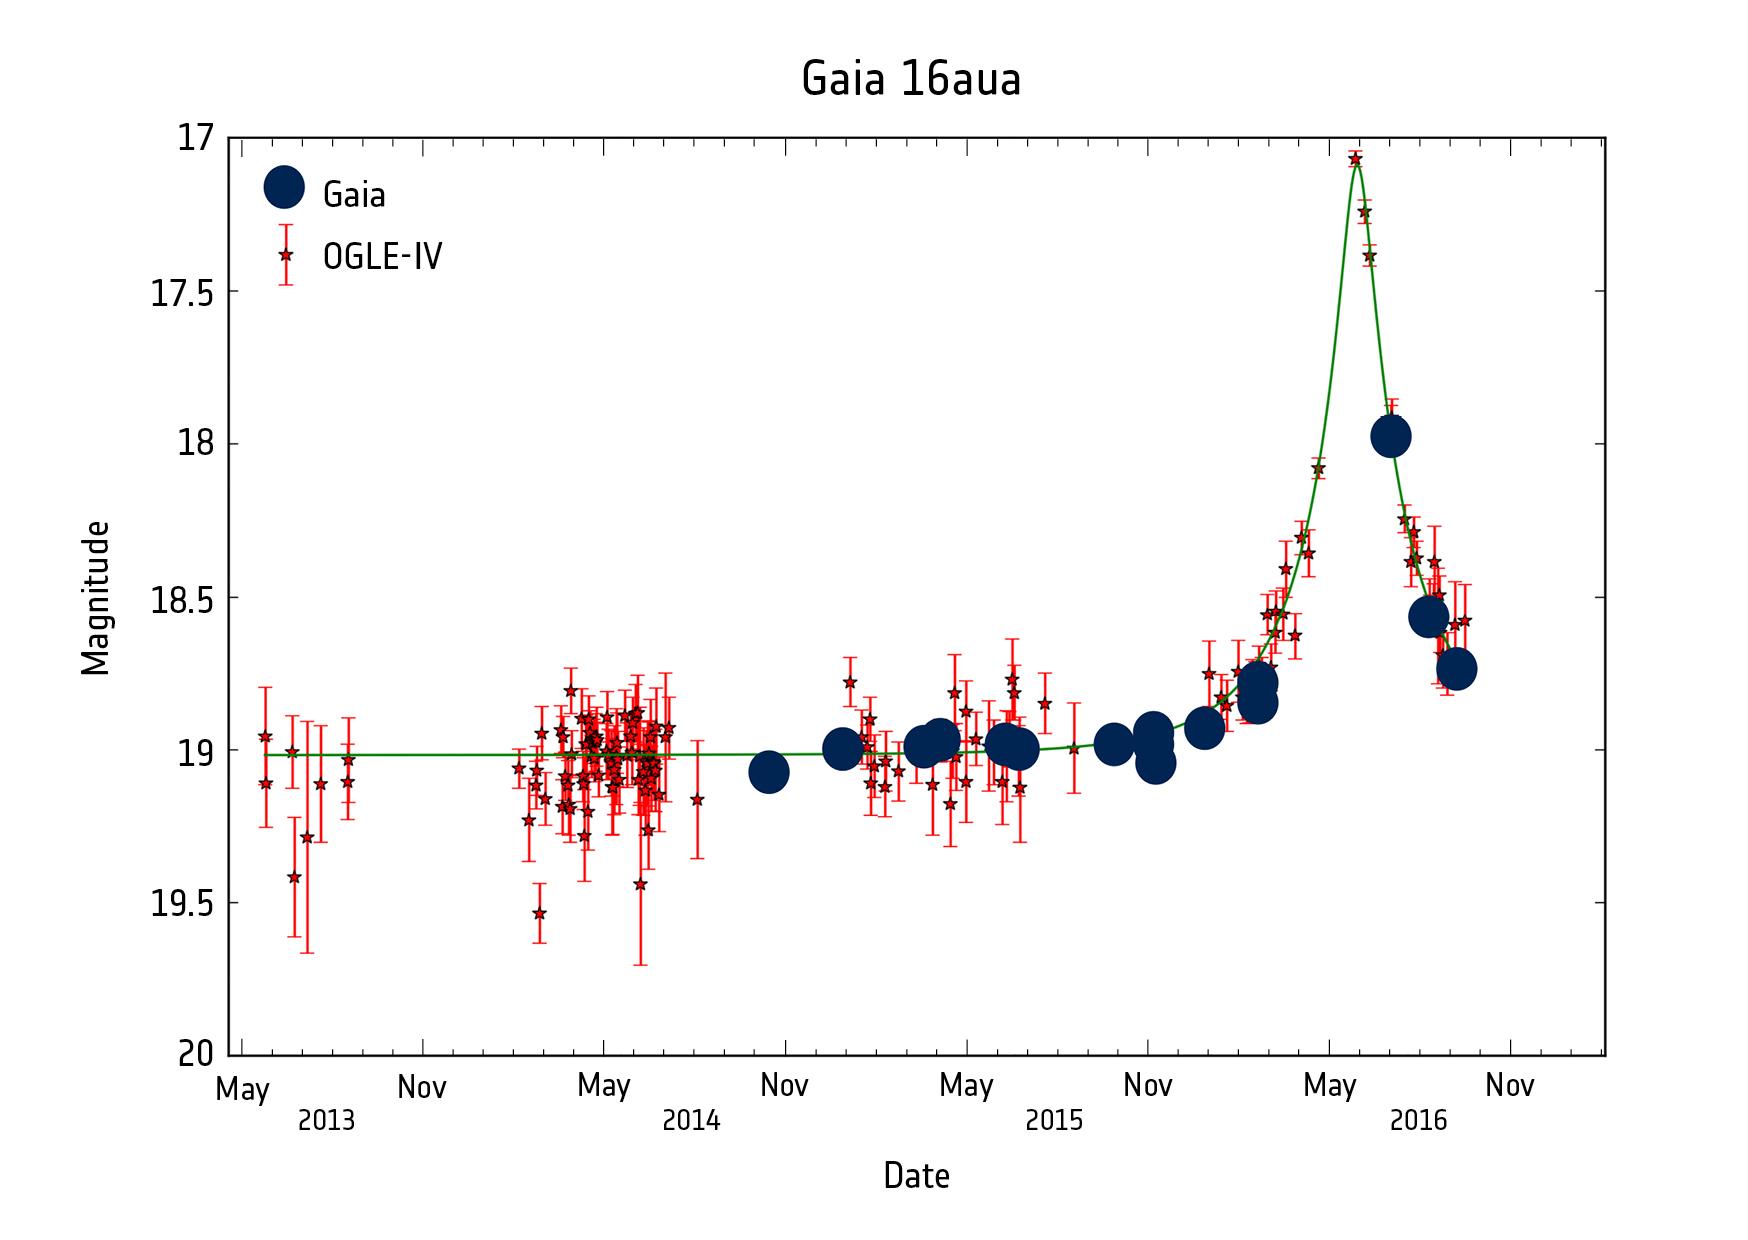 1567214327779-Gaia_microlensing_Gaia16aua.jpg